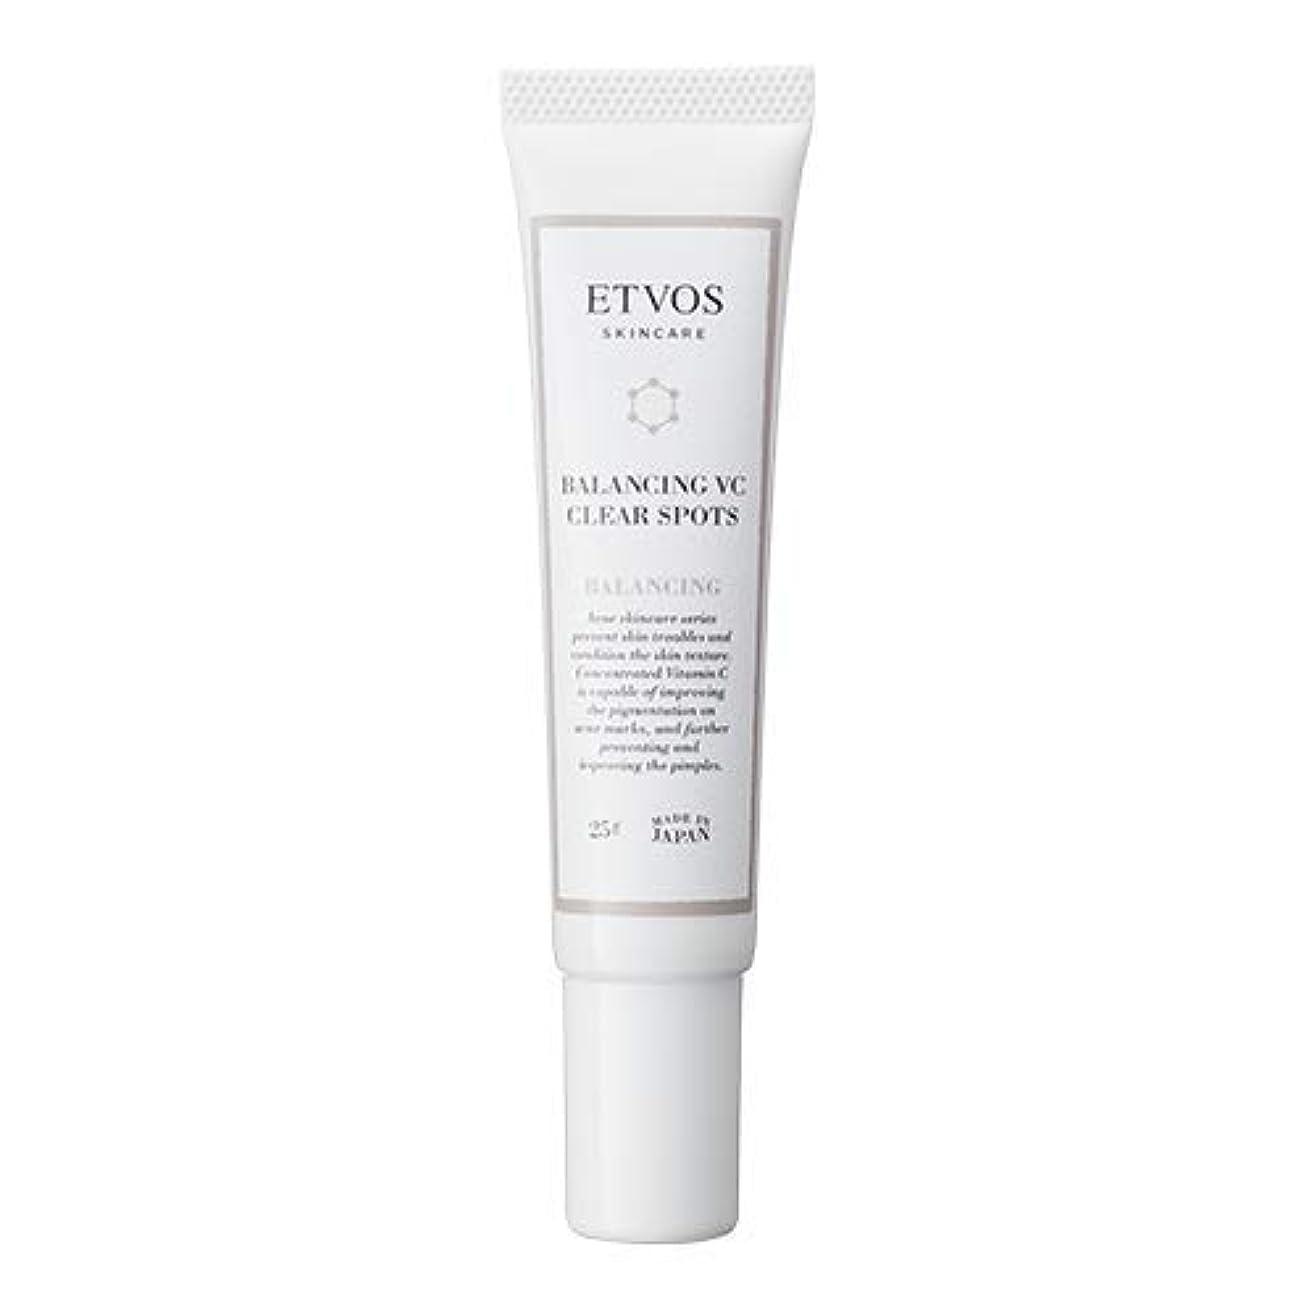 予報強制的生き残りますETVOS(エトヴォス) 肌荒れ防止美容液 バランシングVCクリアスポッツ 25g アゼライン酸 おでこ/あご/頭皮